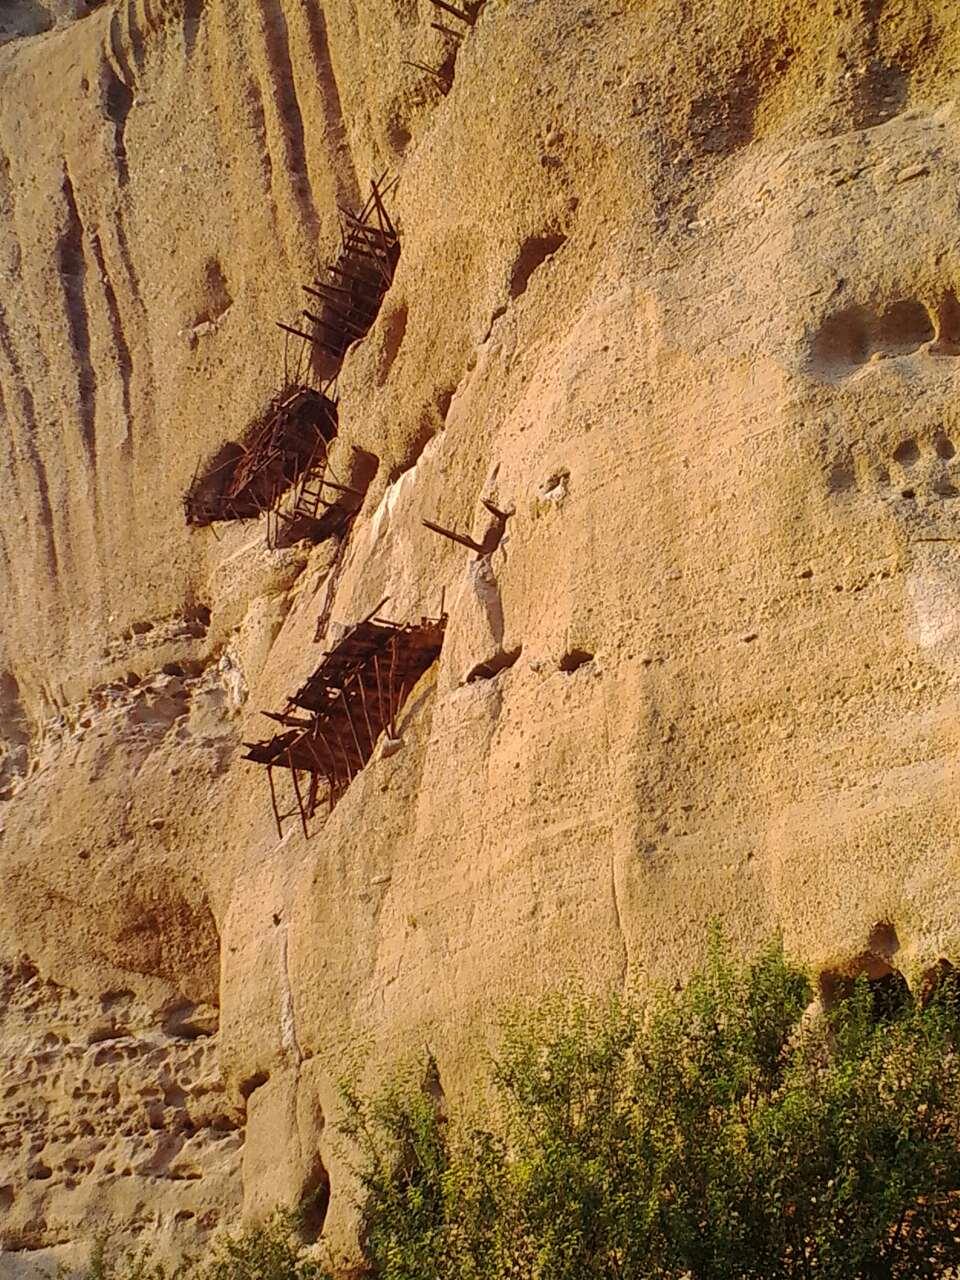 Σπήλαια-Ασκηταριά της Ι.Μ Αγίου Αντωνίου